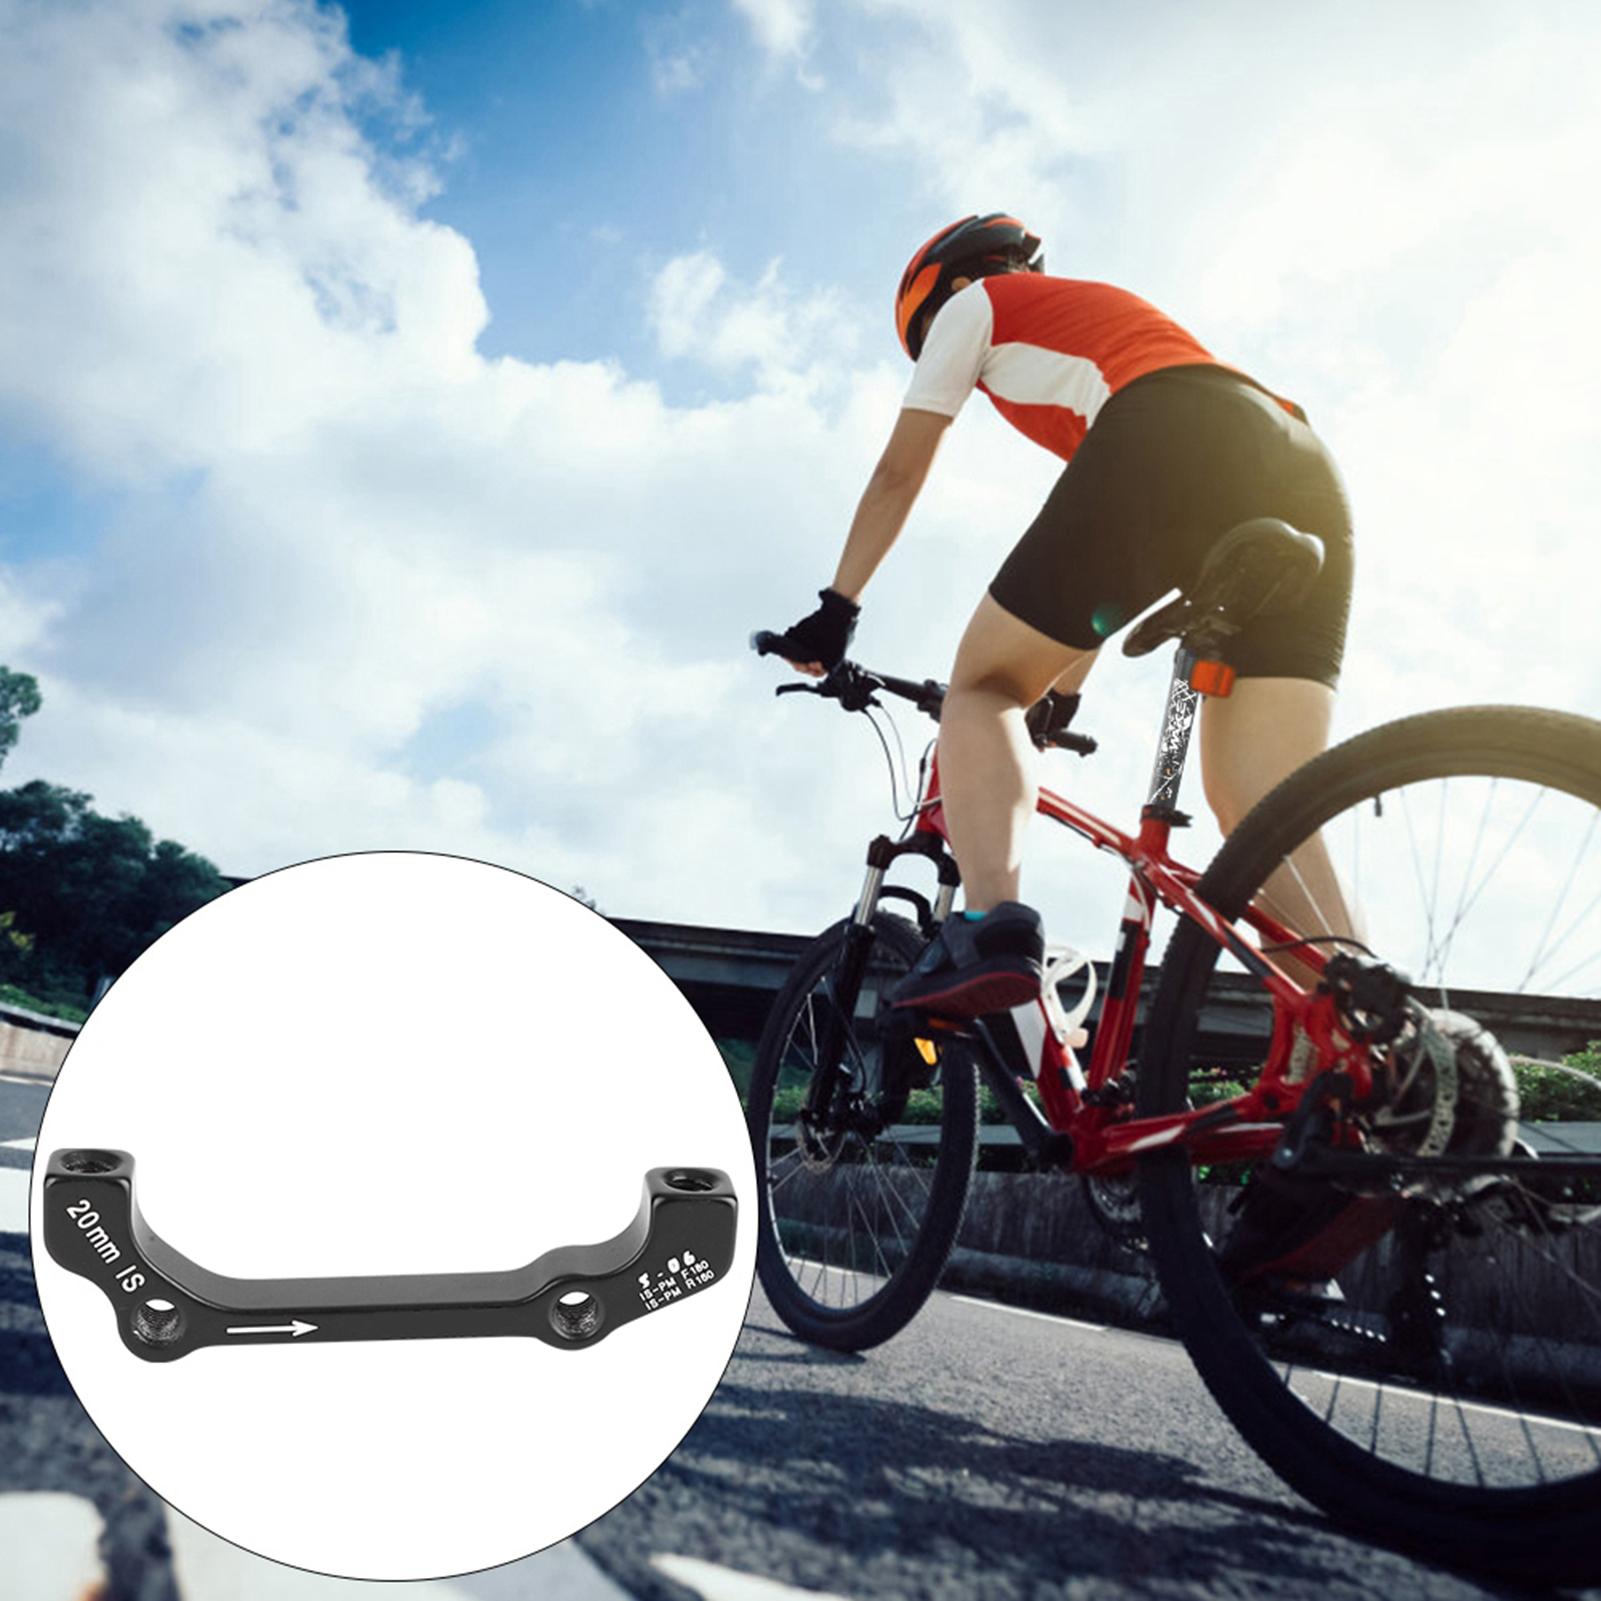 Bike-Adapter-MTB-Ultralight-Bracket-Disc-Brake-Mount-for-140-160-180-203mm-rotor thumbnail 18